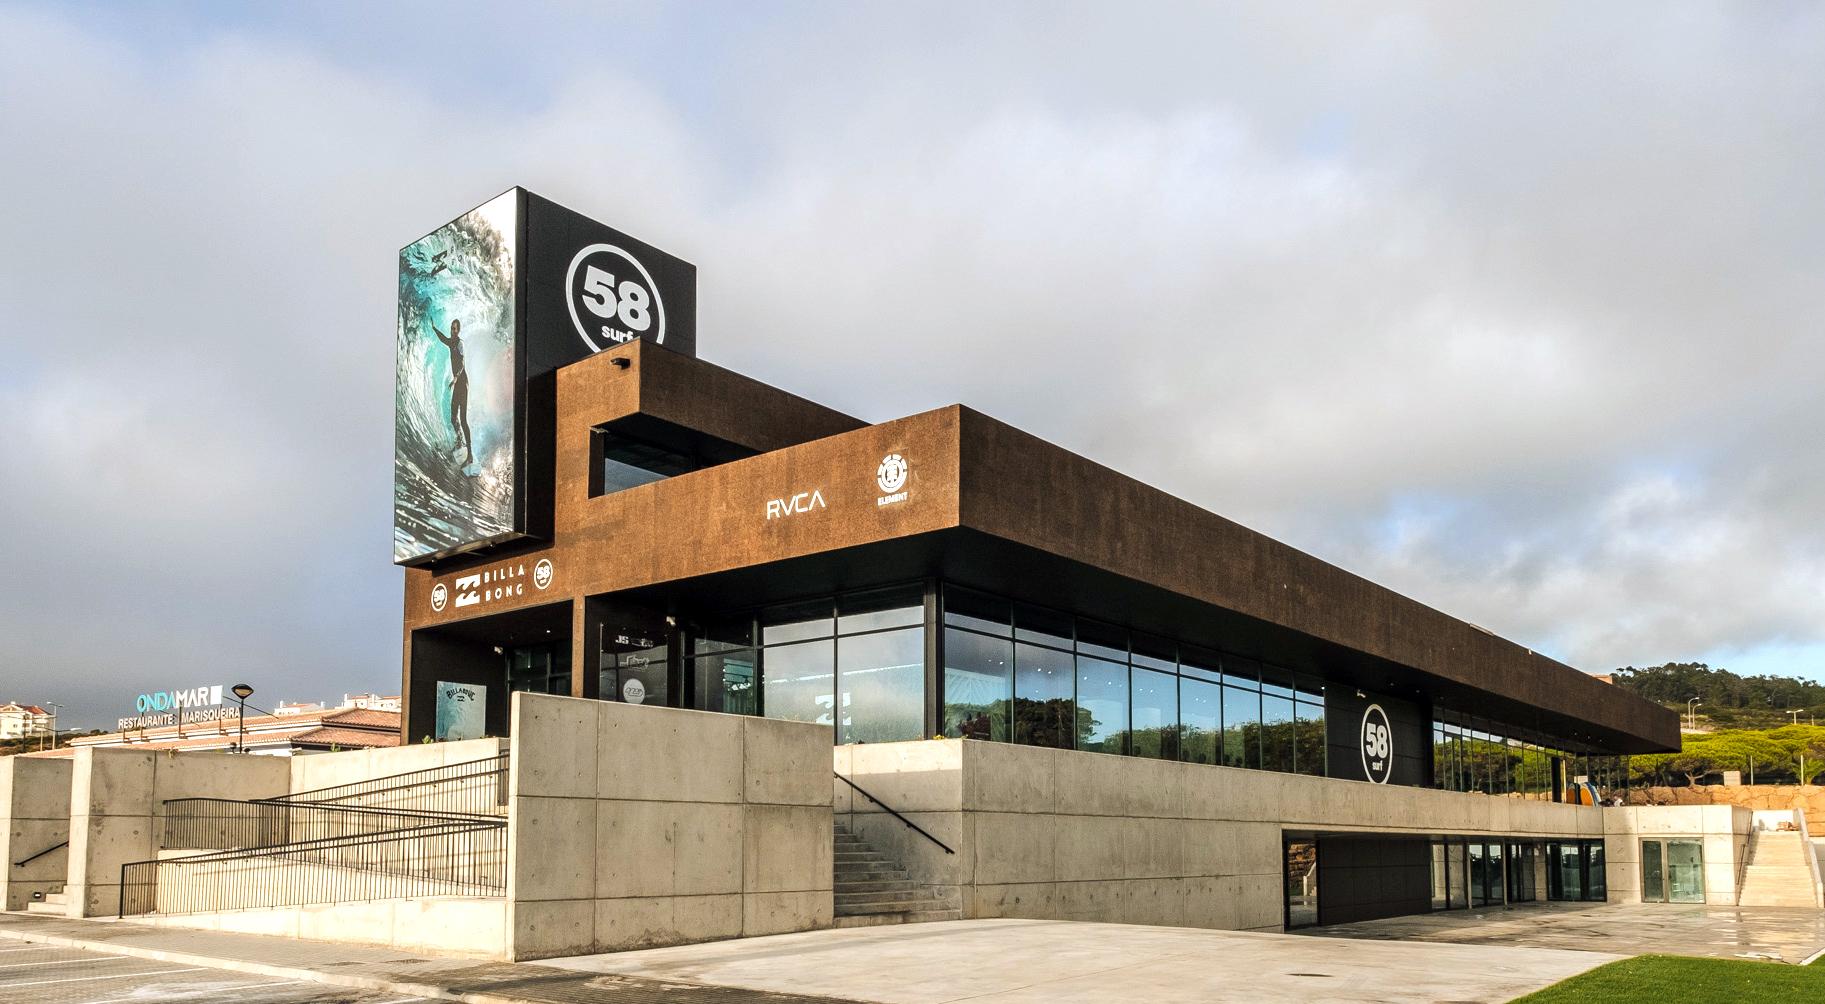 58 Surf abre loja bandeira em parceria com a Billabong